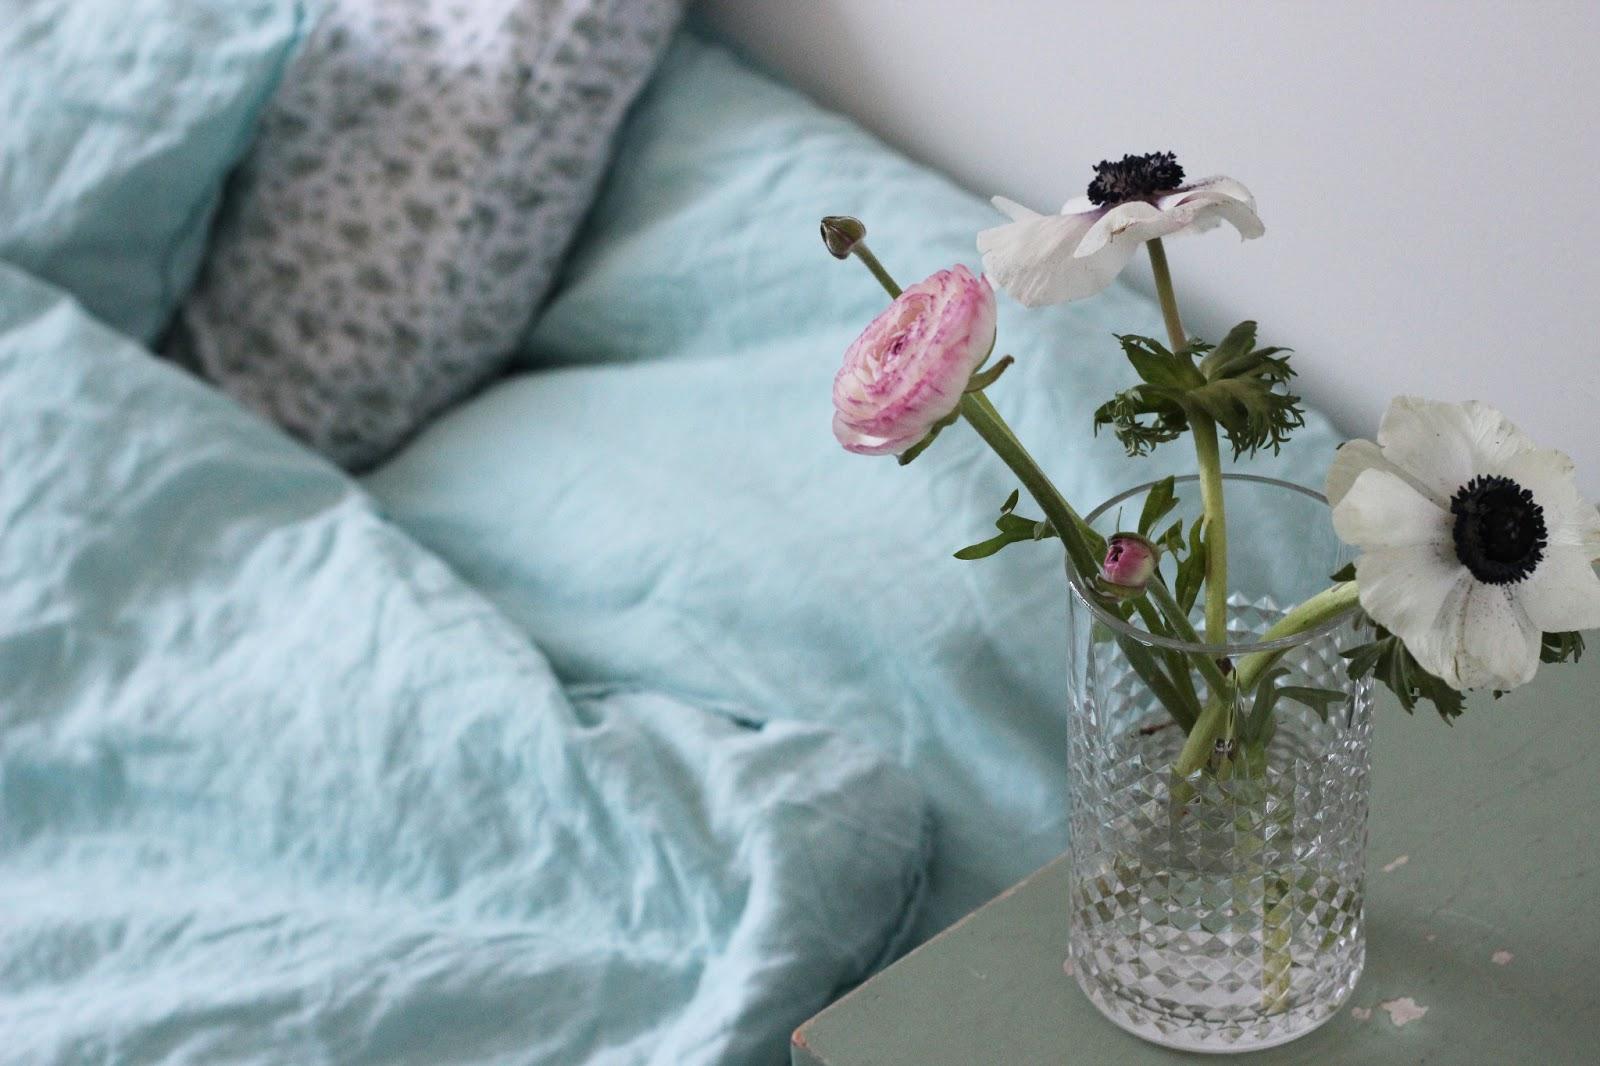 SÃ¥ fint jag vill.: Mina tankar bland rosa, blommigt och turkos.